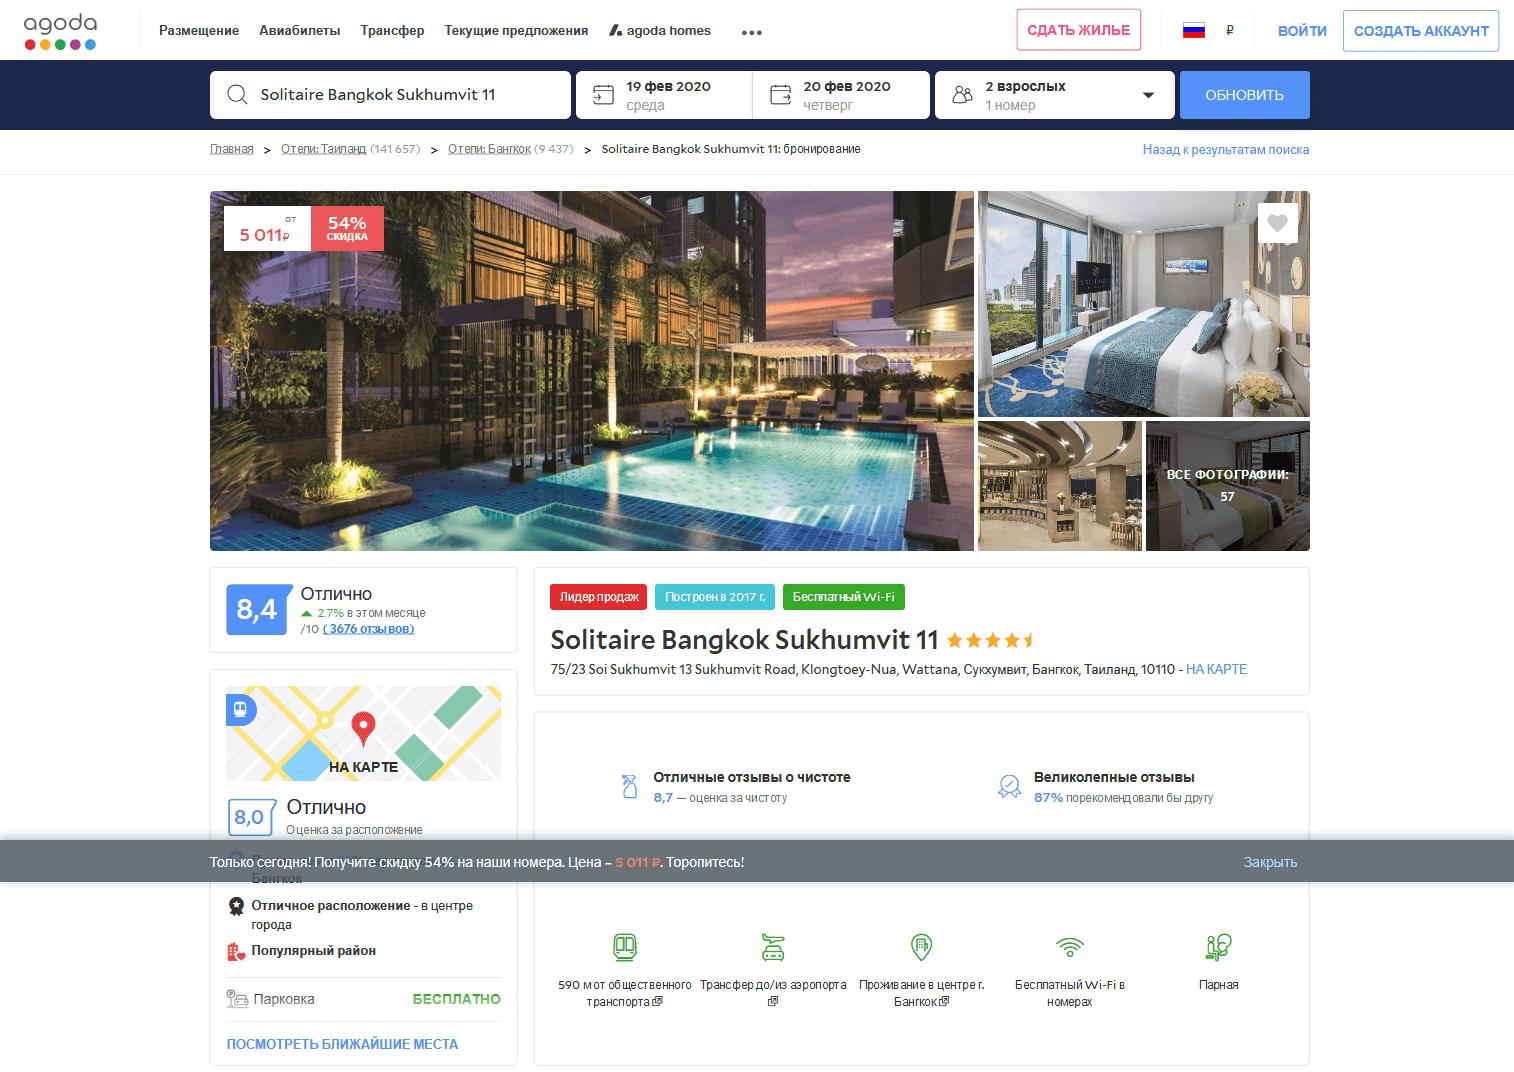 Страница отеля на официальном сайте Агода ру